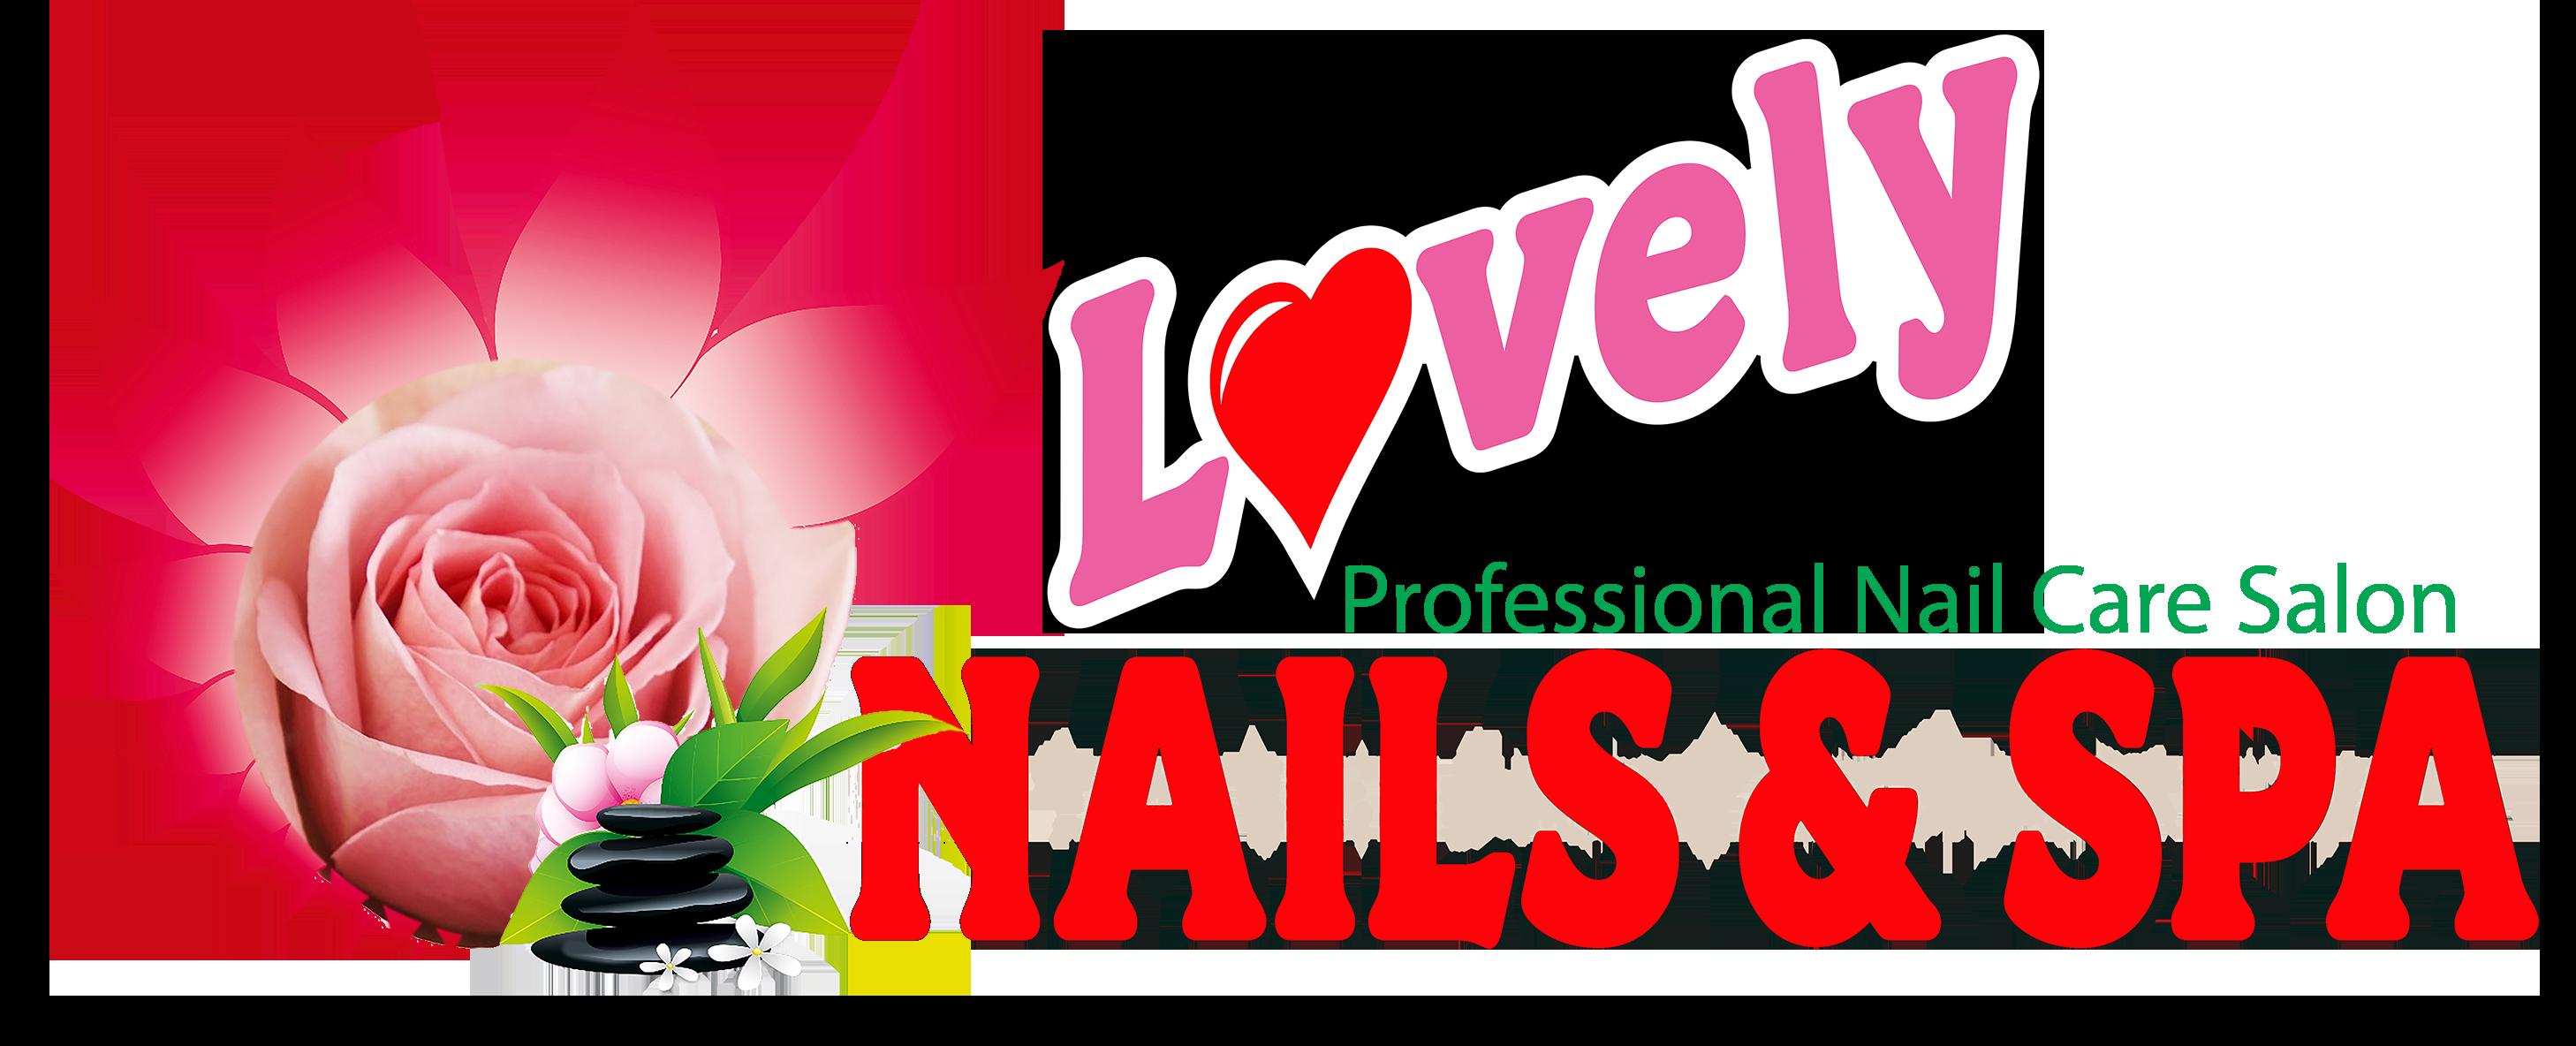 Spa pedicure salon . Nails clipart nail care